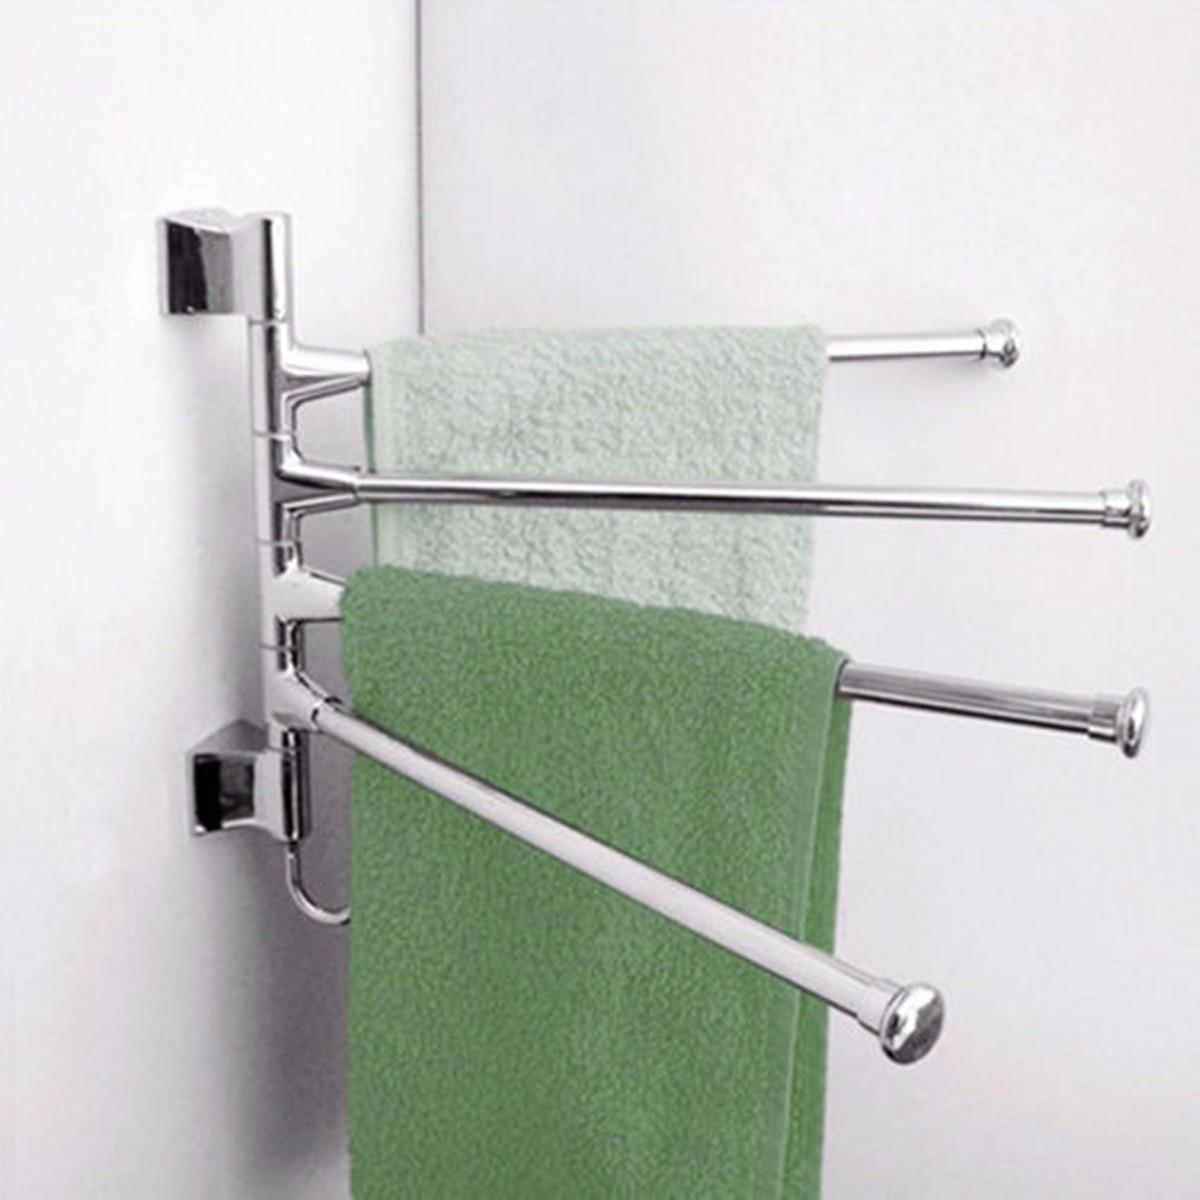 vergelijk prijzen op bathroom towel rack - online winkelen / kopen